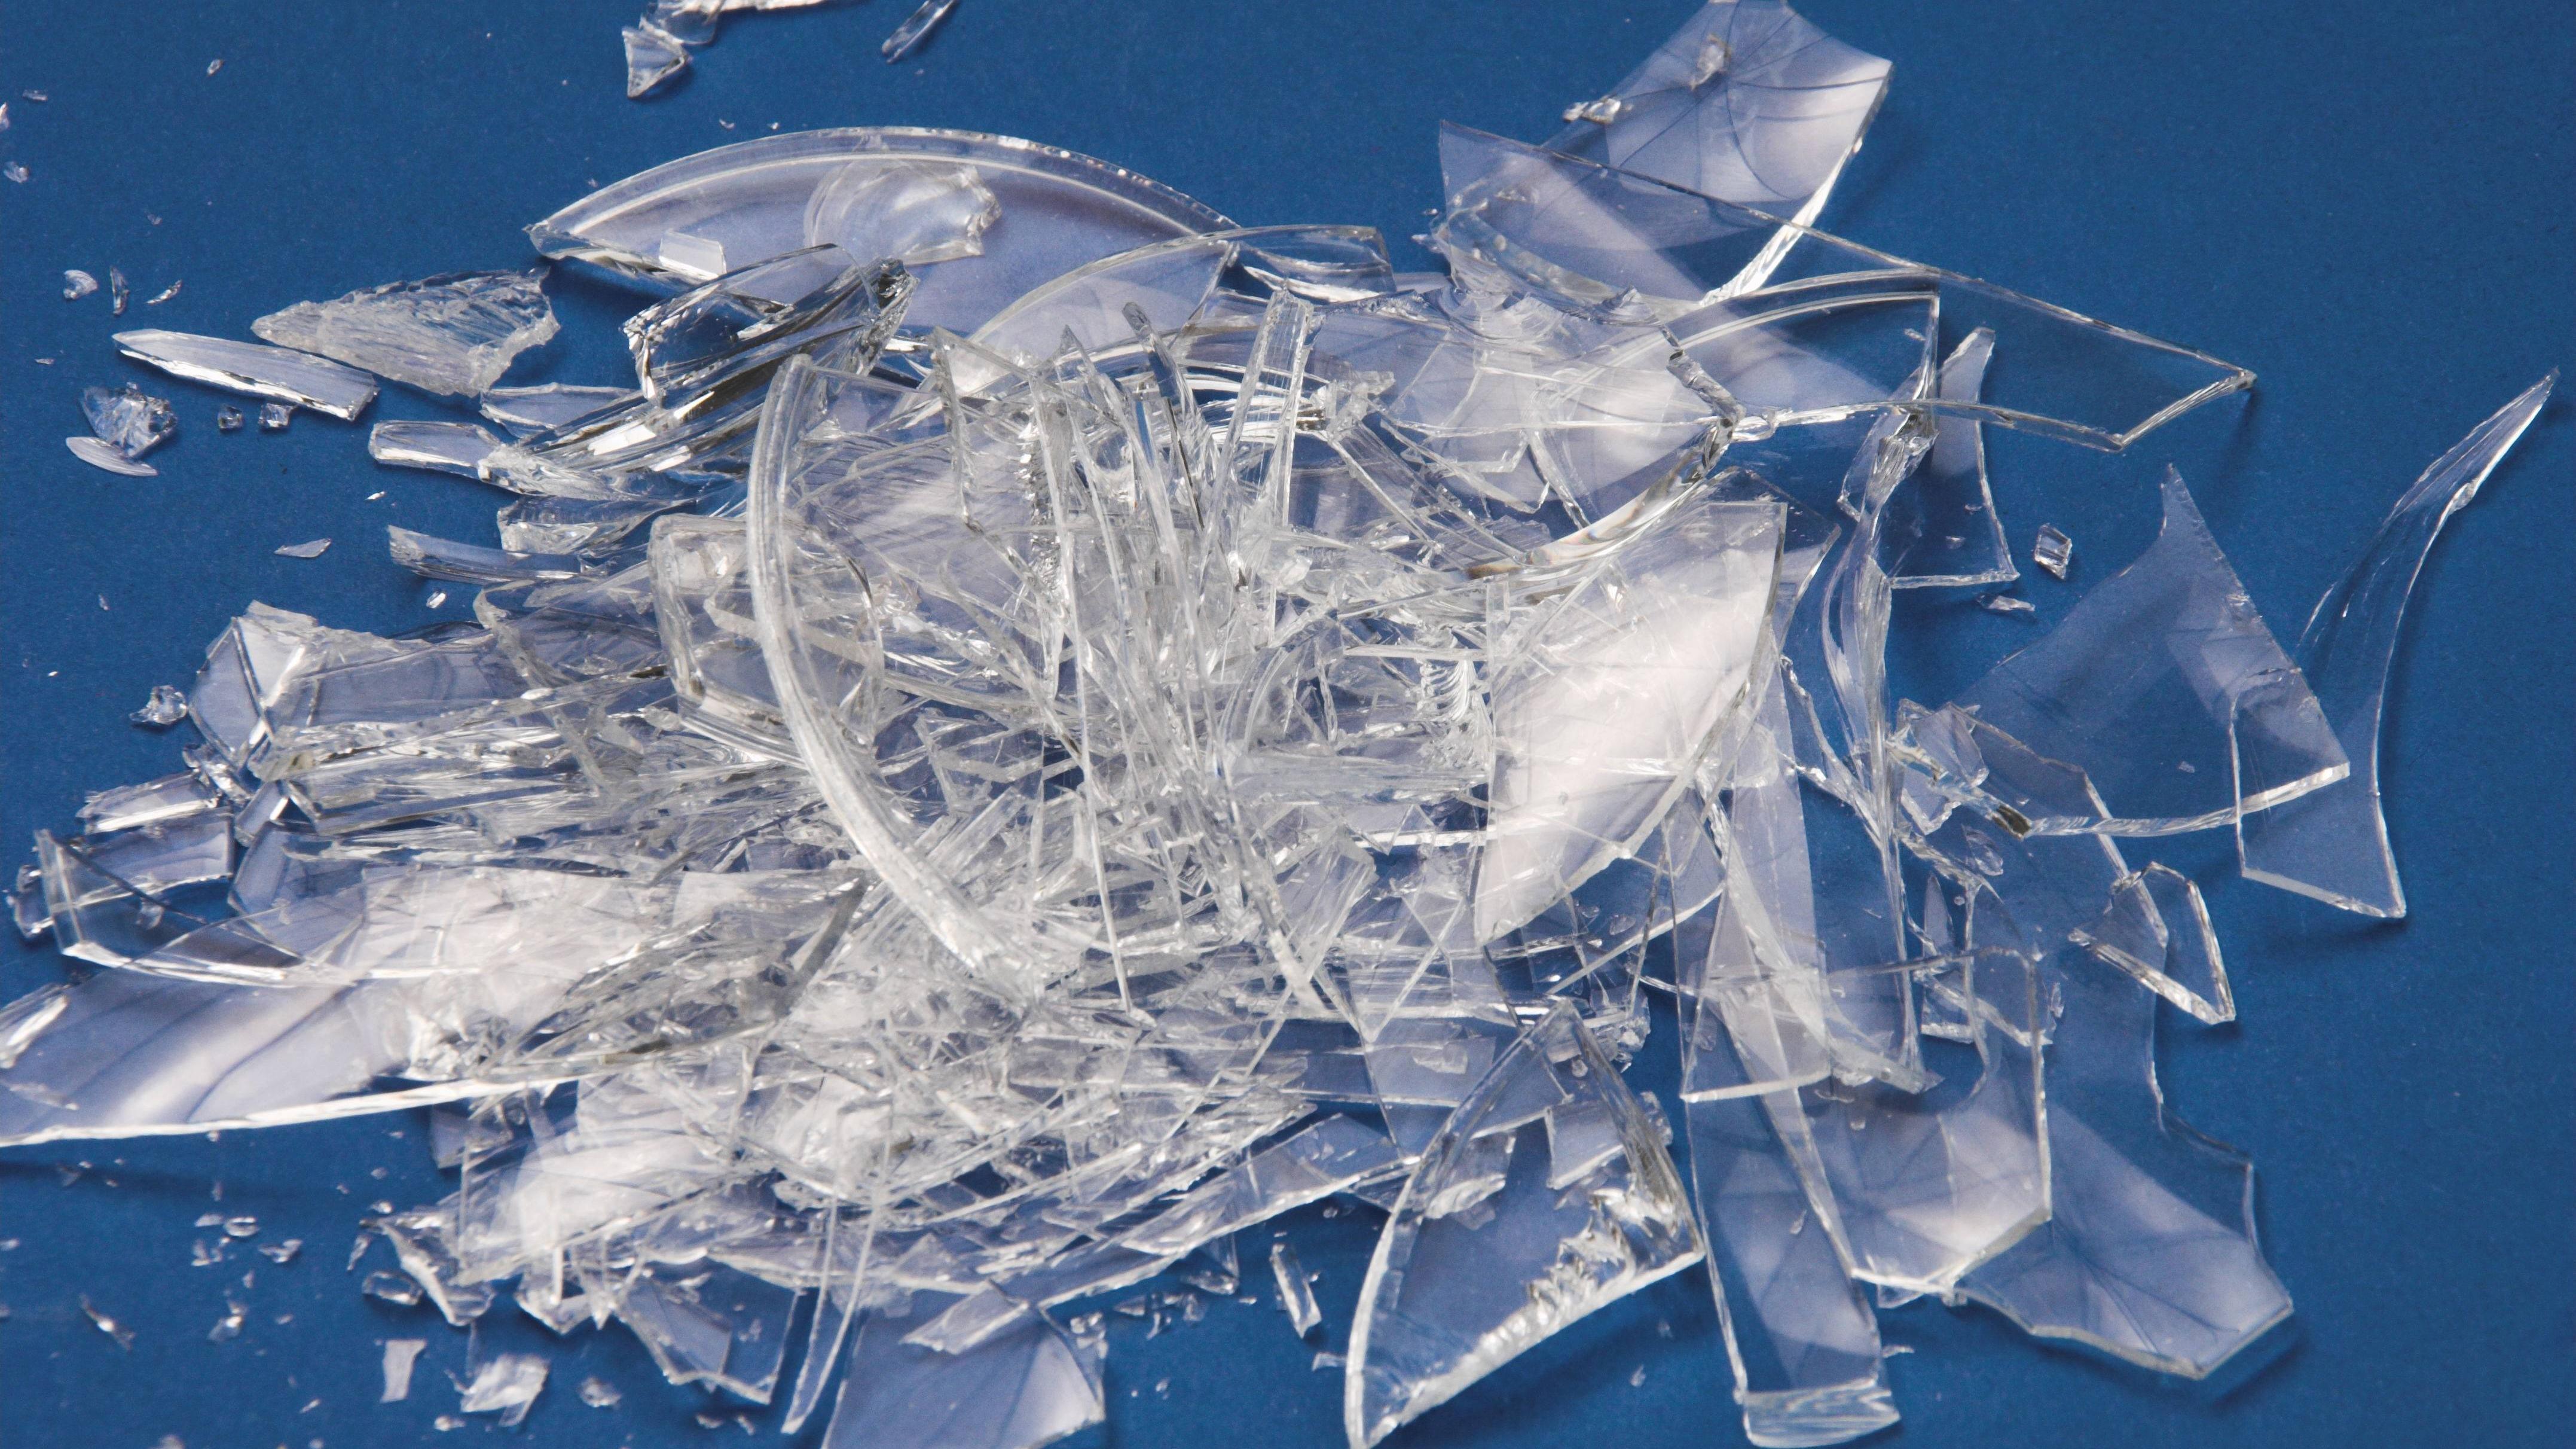 Glasscherben entsorgen: So entsorgen Sie Flach- und Spiegelglas richtig